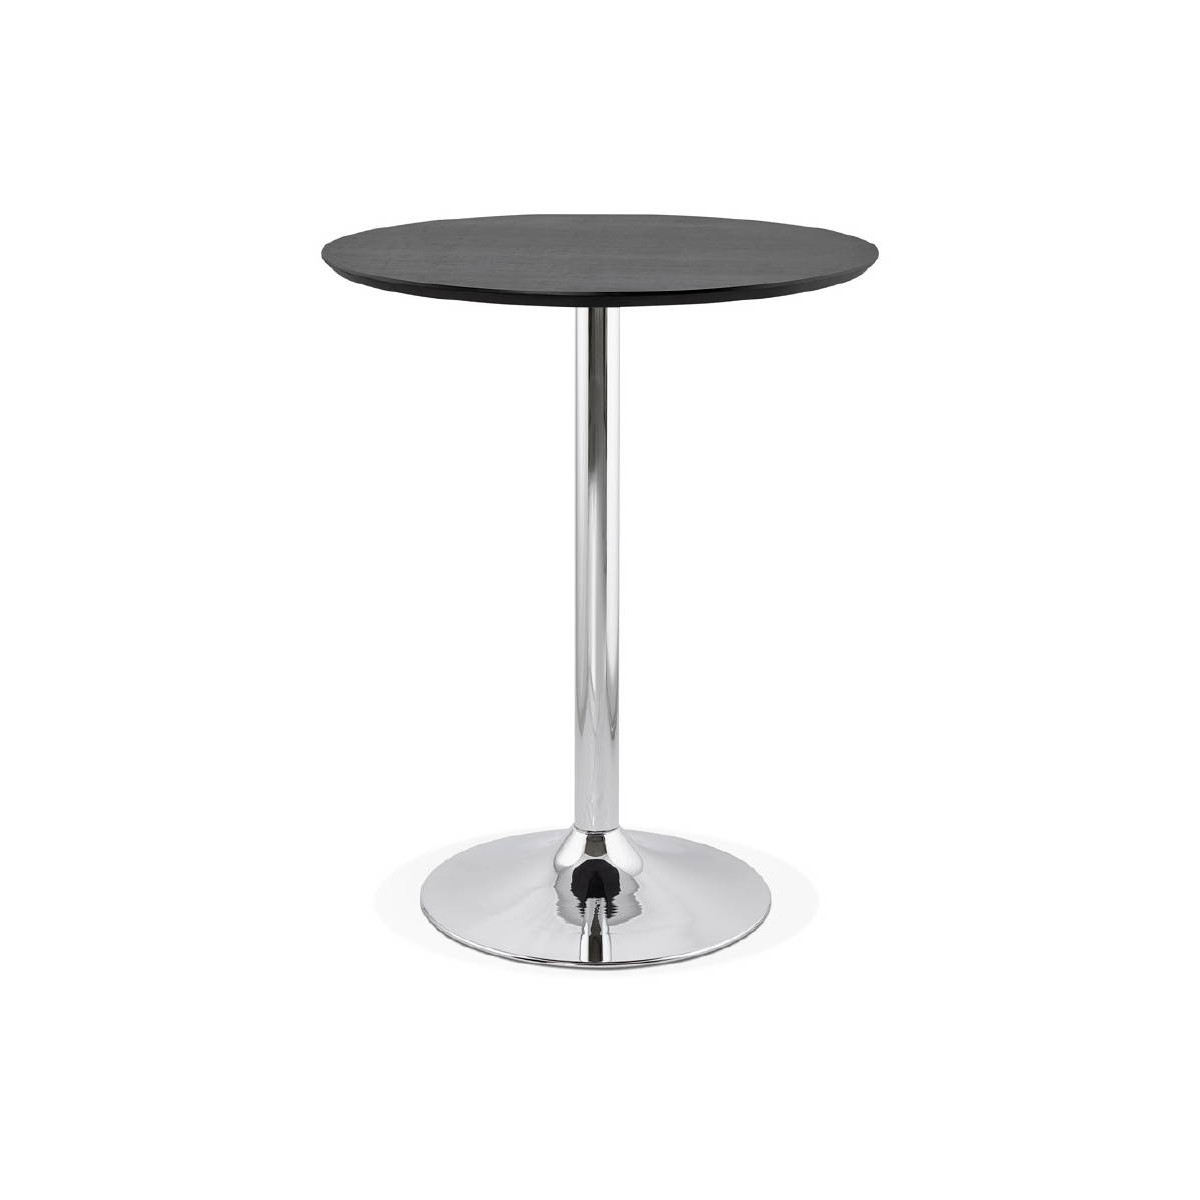 table haute mange debout design laura en bois pieds metal chrome o 90 cm noir amp story 5652